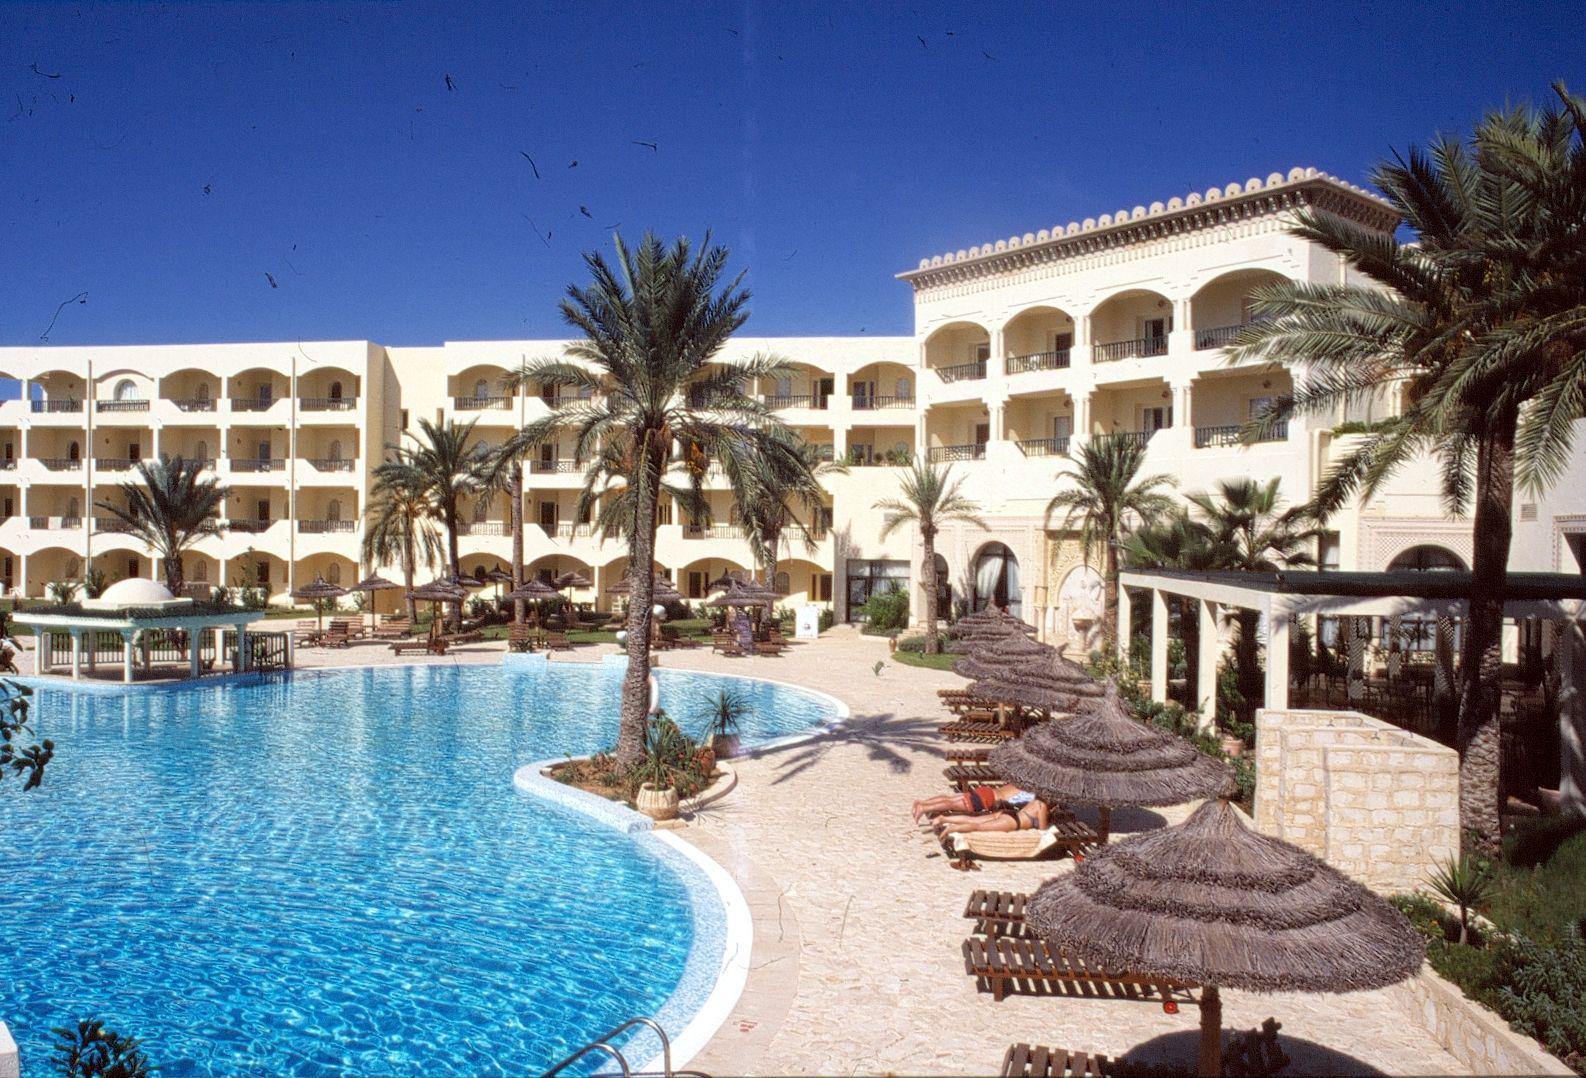 Séjour 15 jours en Tunisie départ de Paris 31/03 vols A/R + Hotel 4* + demi pension